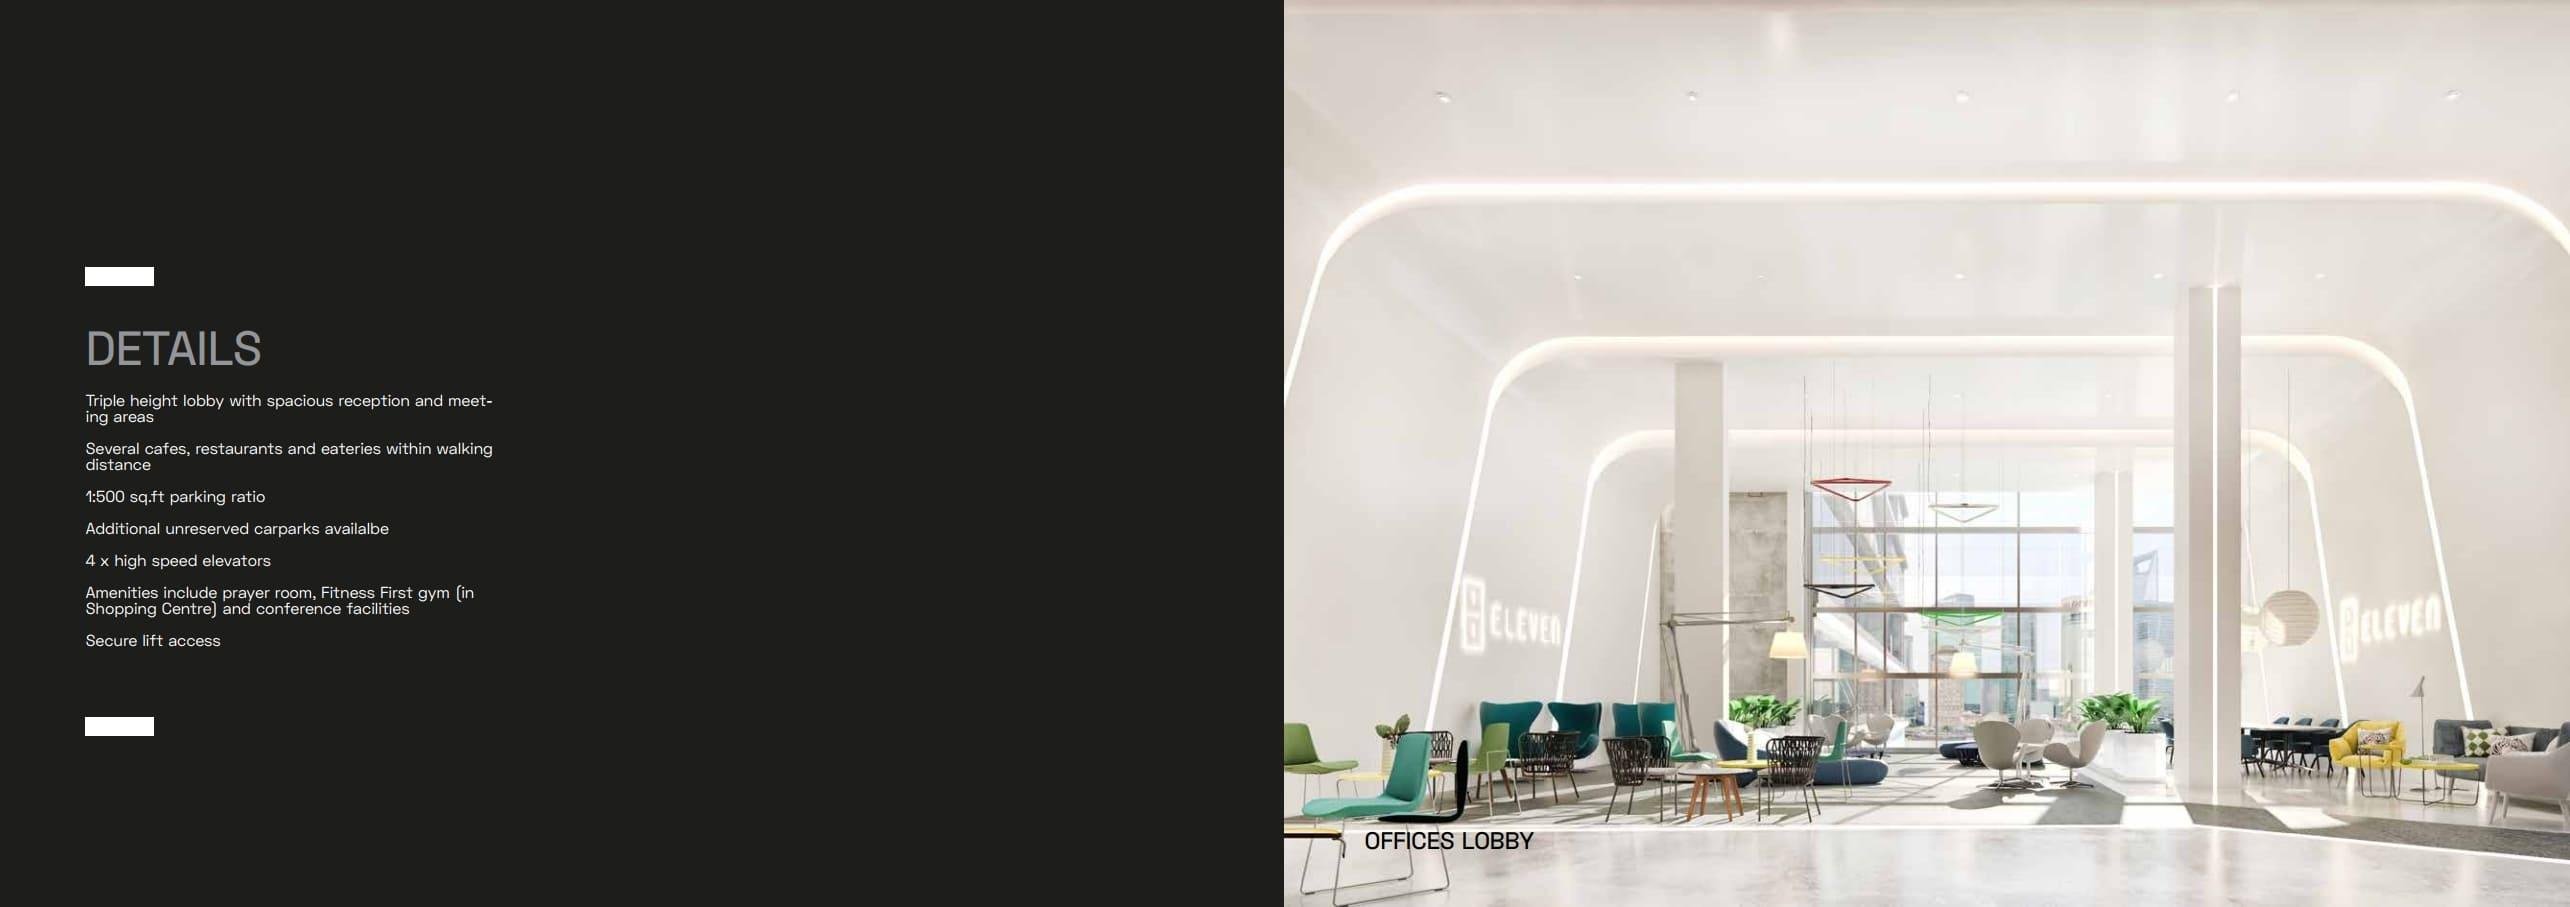 انظمة الدفع والسداد فى مول ايلفين العاصمة الادارية الجديدة Eleven Mall